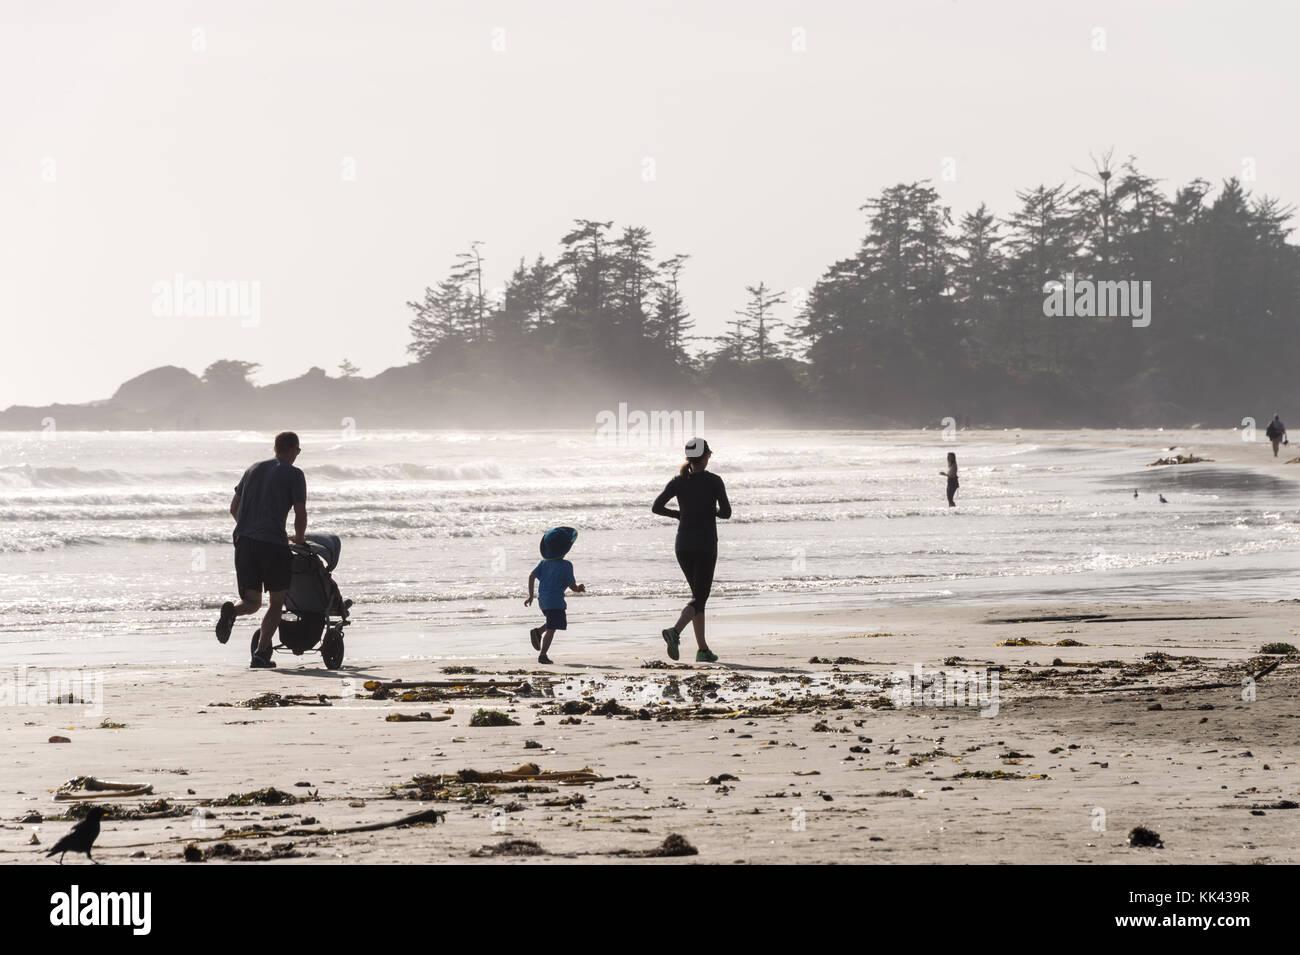 Chesterman beach vicino a Tofino, BC, Canada (settembre 2017) - Famiglia in esecuzione sulla sabbia. Immagini Stock